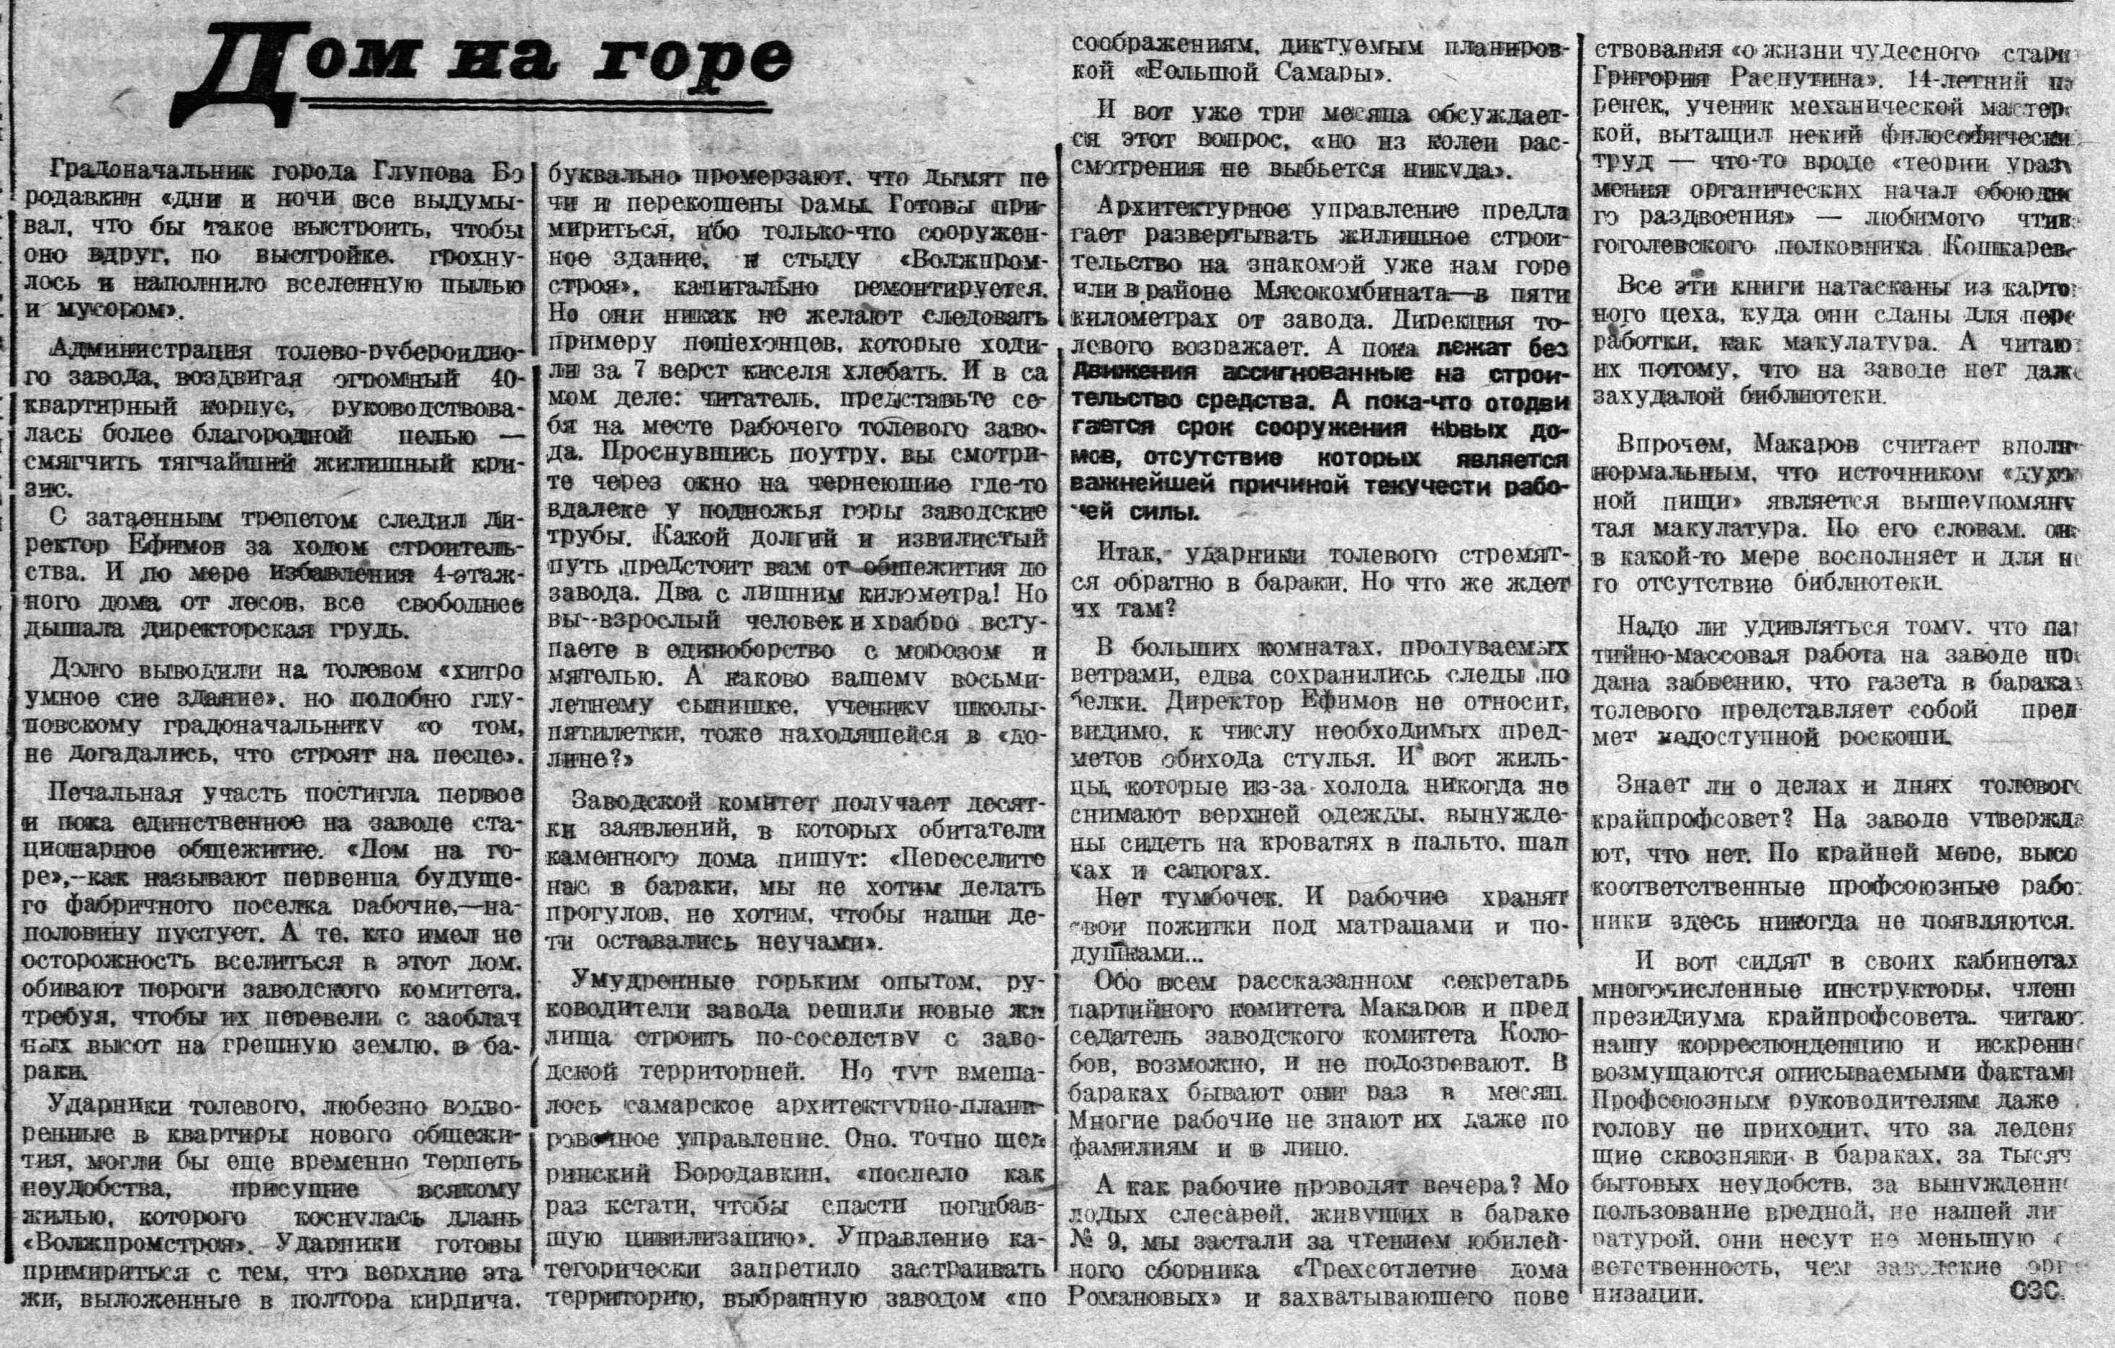 Партизанская-ФОТО-08-ВКа-1934-12-15-проблемы-дома-на-горе